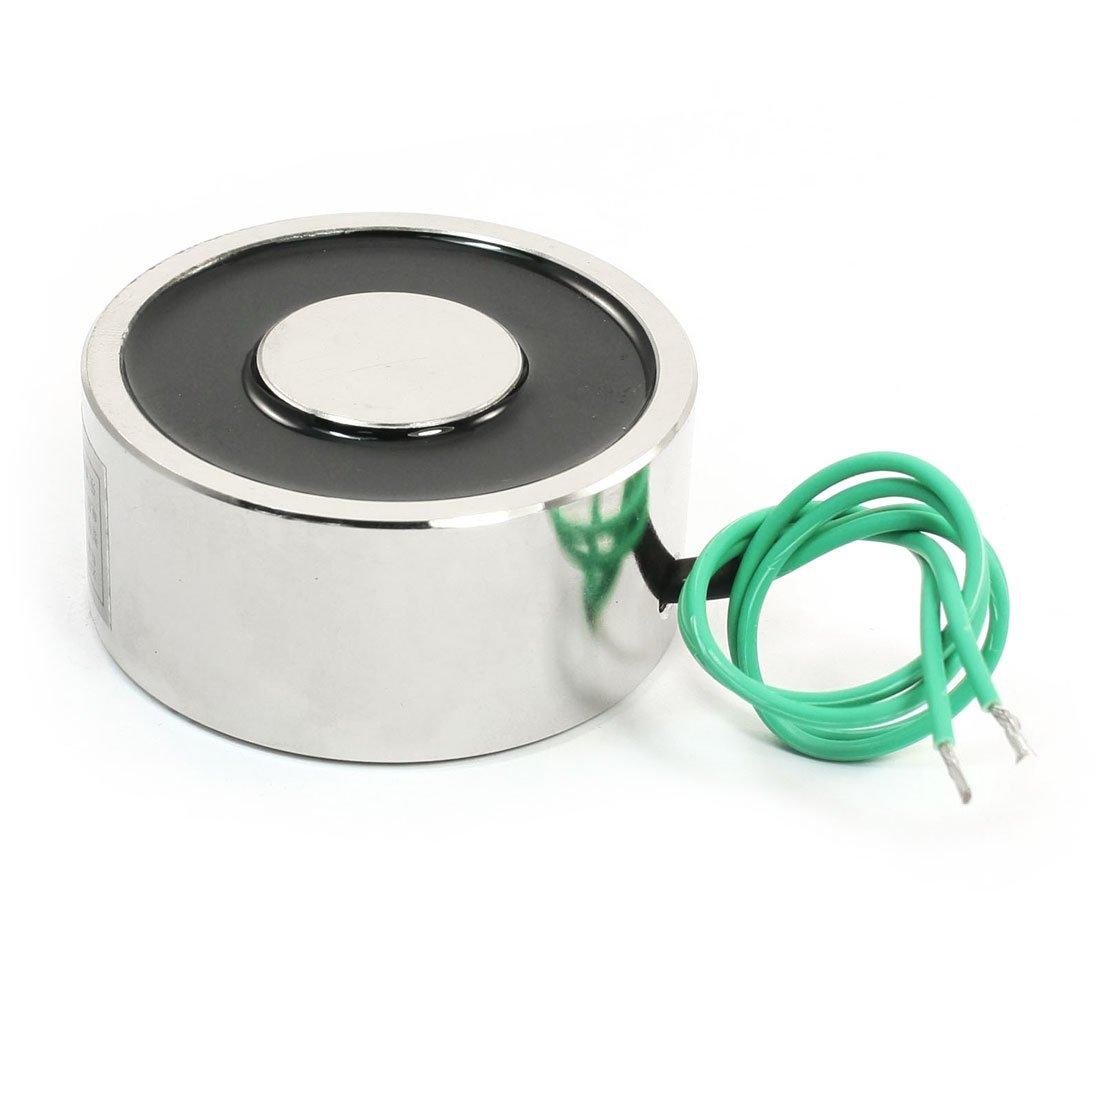 Uxcell Lifting Magnet Electromagnet Solenoid Lift Holding, 12V, 176 lb./80 kg, 65 mm